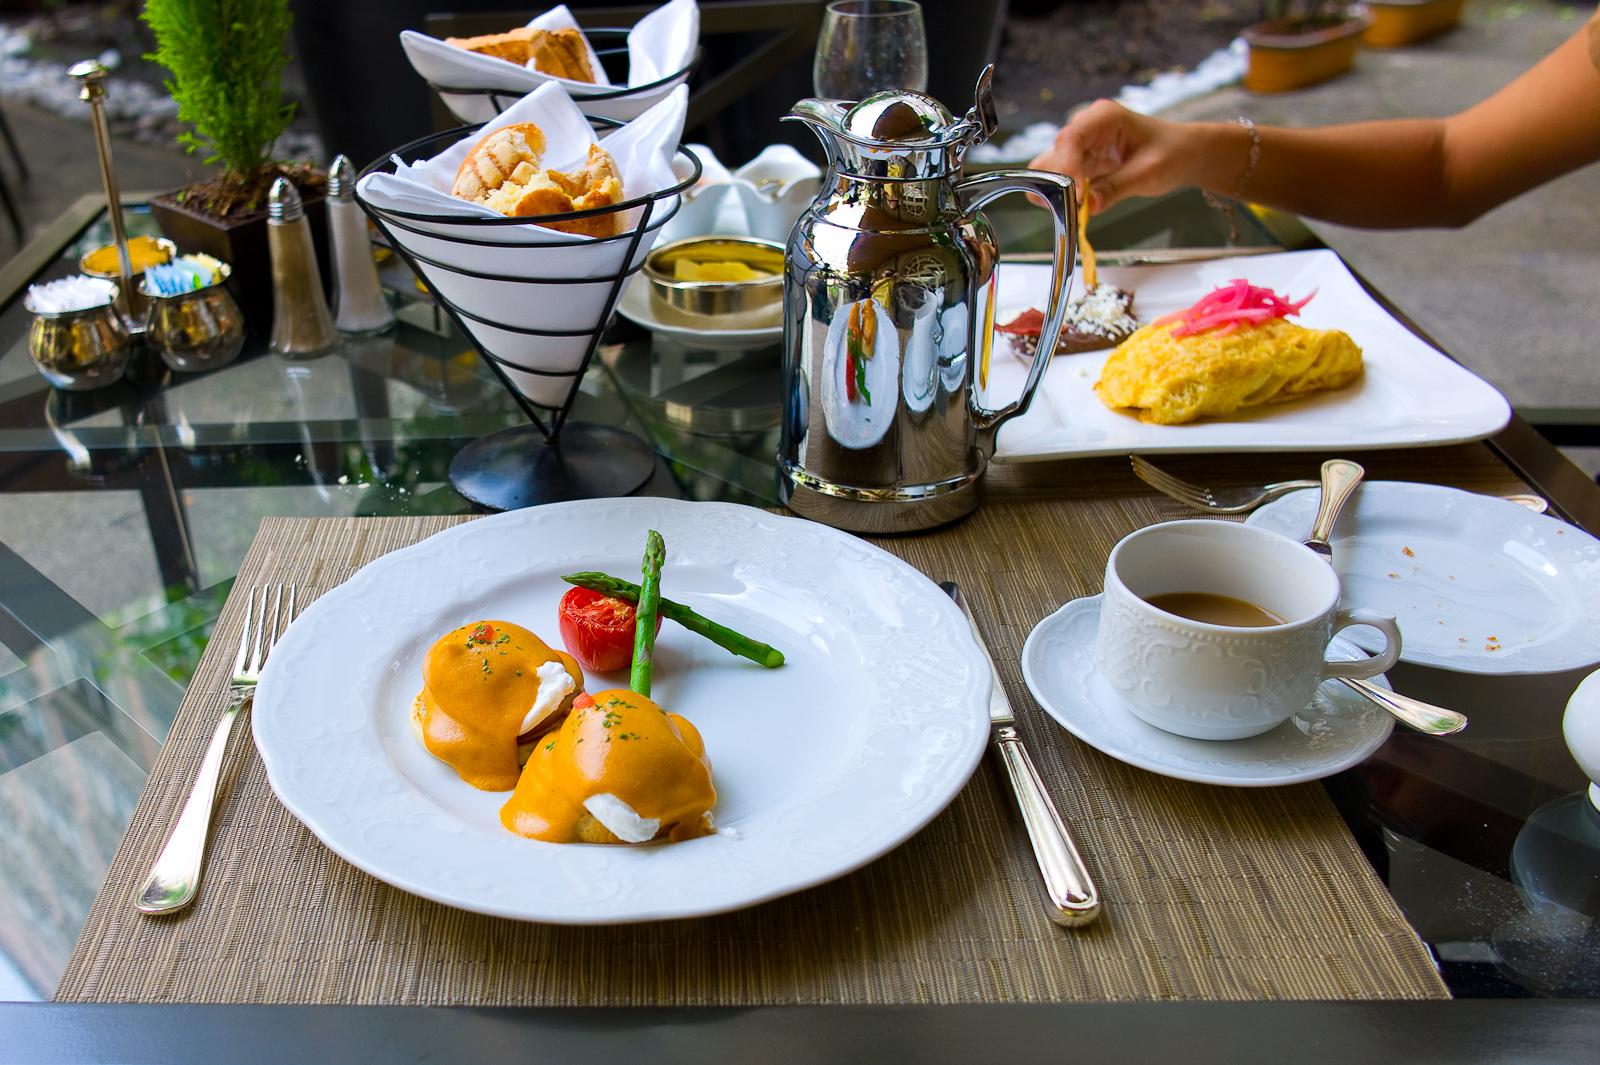 Huevos benedictinos con salsa Holandesa de chipotle (Eggs Benedict with Chipotle Hollandaise sauce) ($200 MXP)